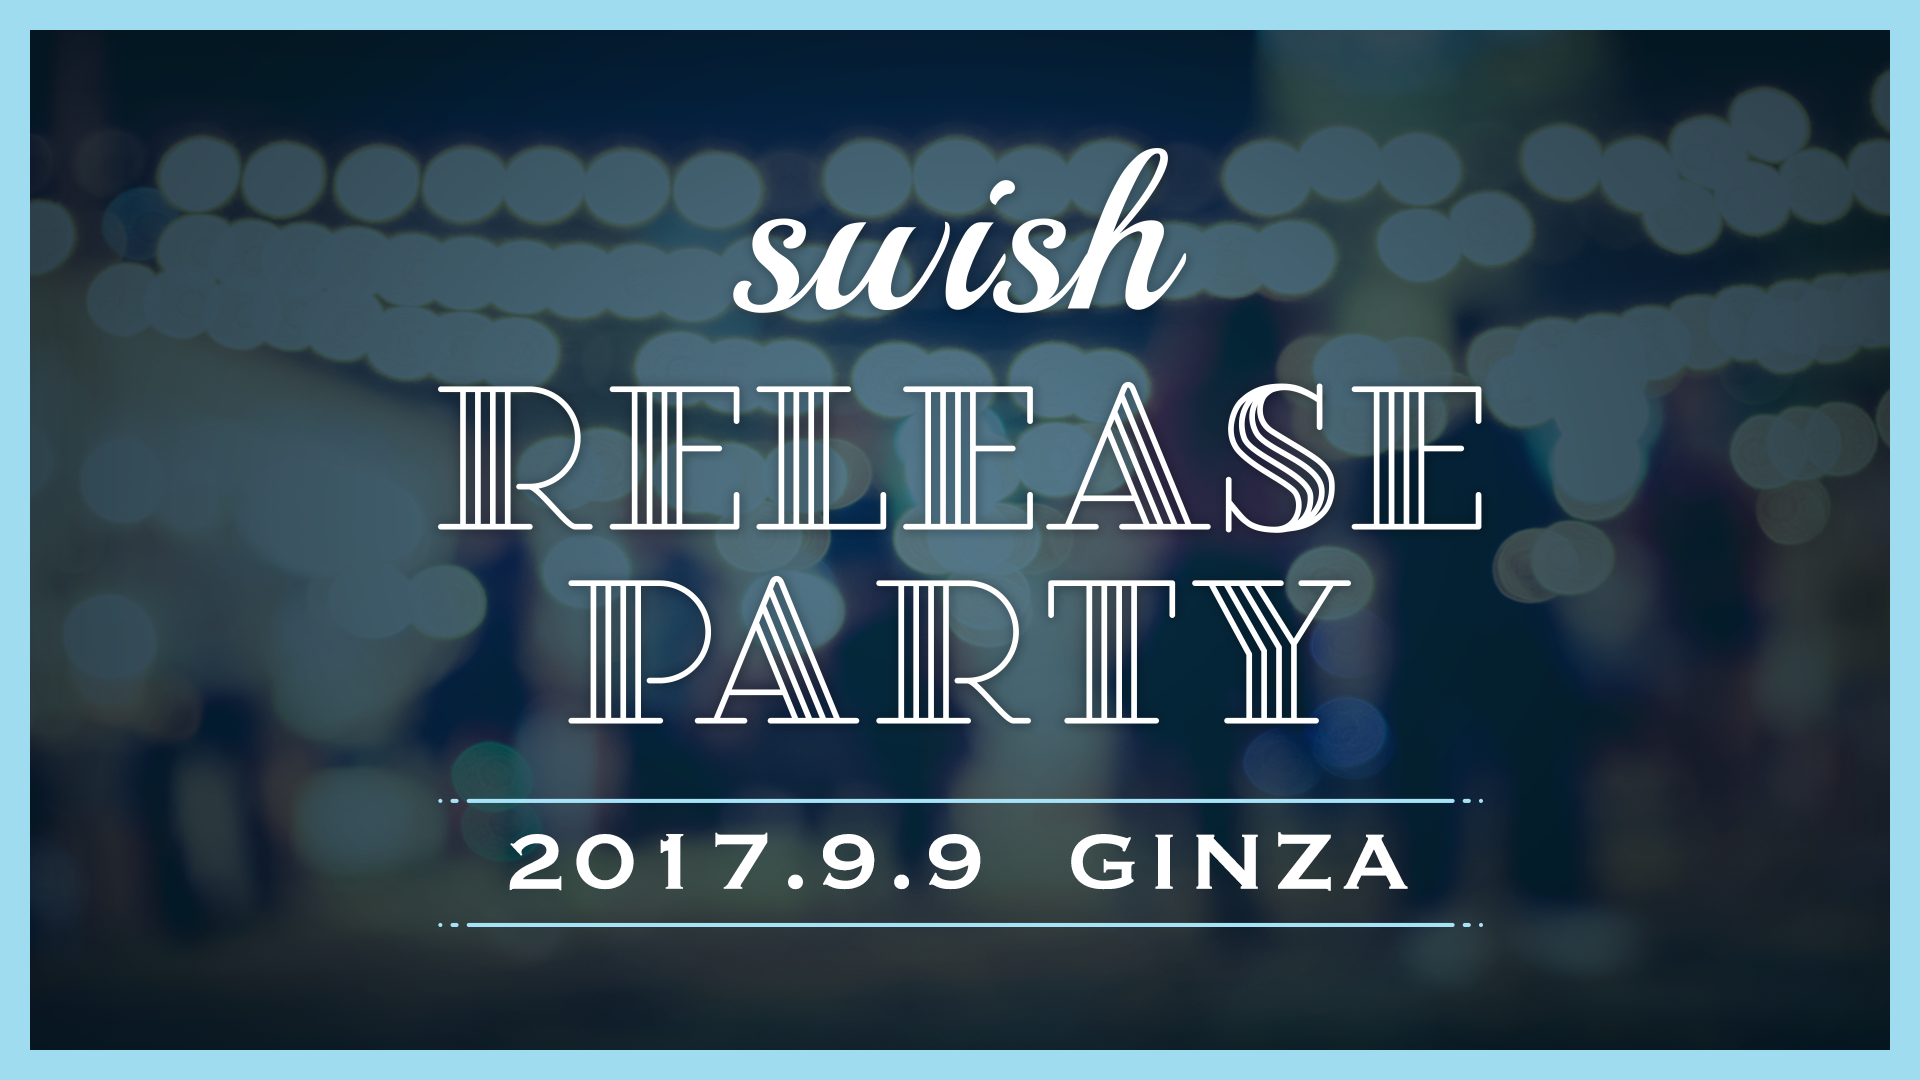 マッチングアプリSwishのリリースパーティーロゴ